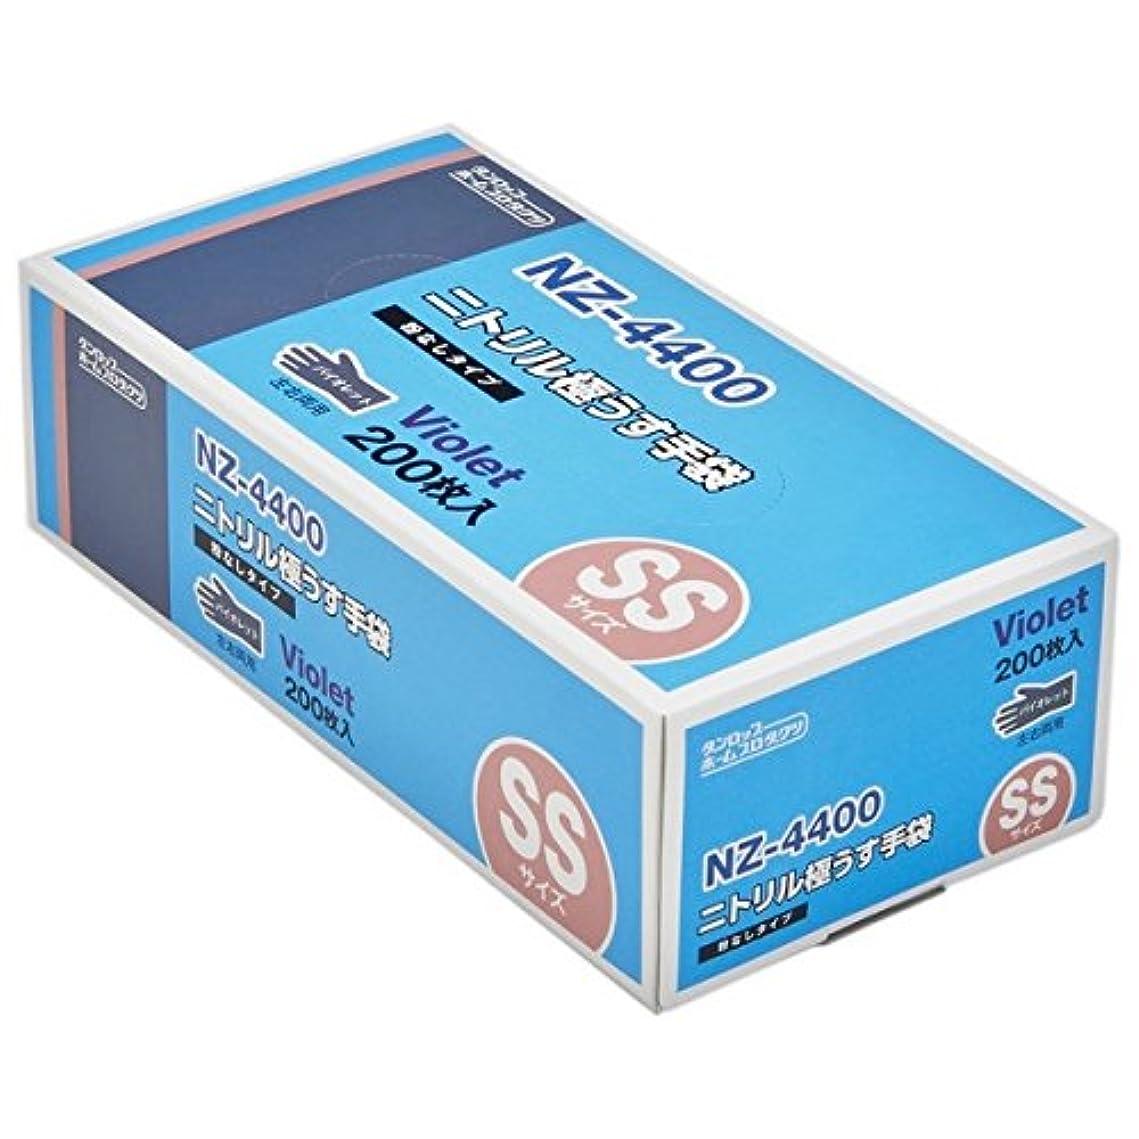 マインドフル基本的なポテトダンロップ ニトリル極うす手袋 NZ-4400 バイオレット 粉なし SSサイズ 200枚入